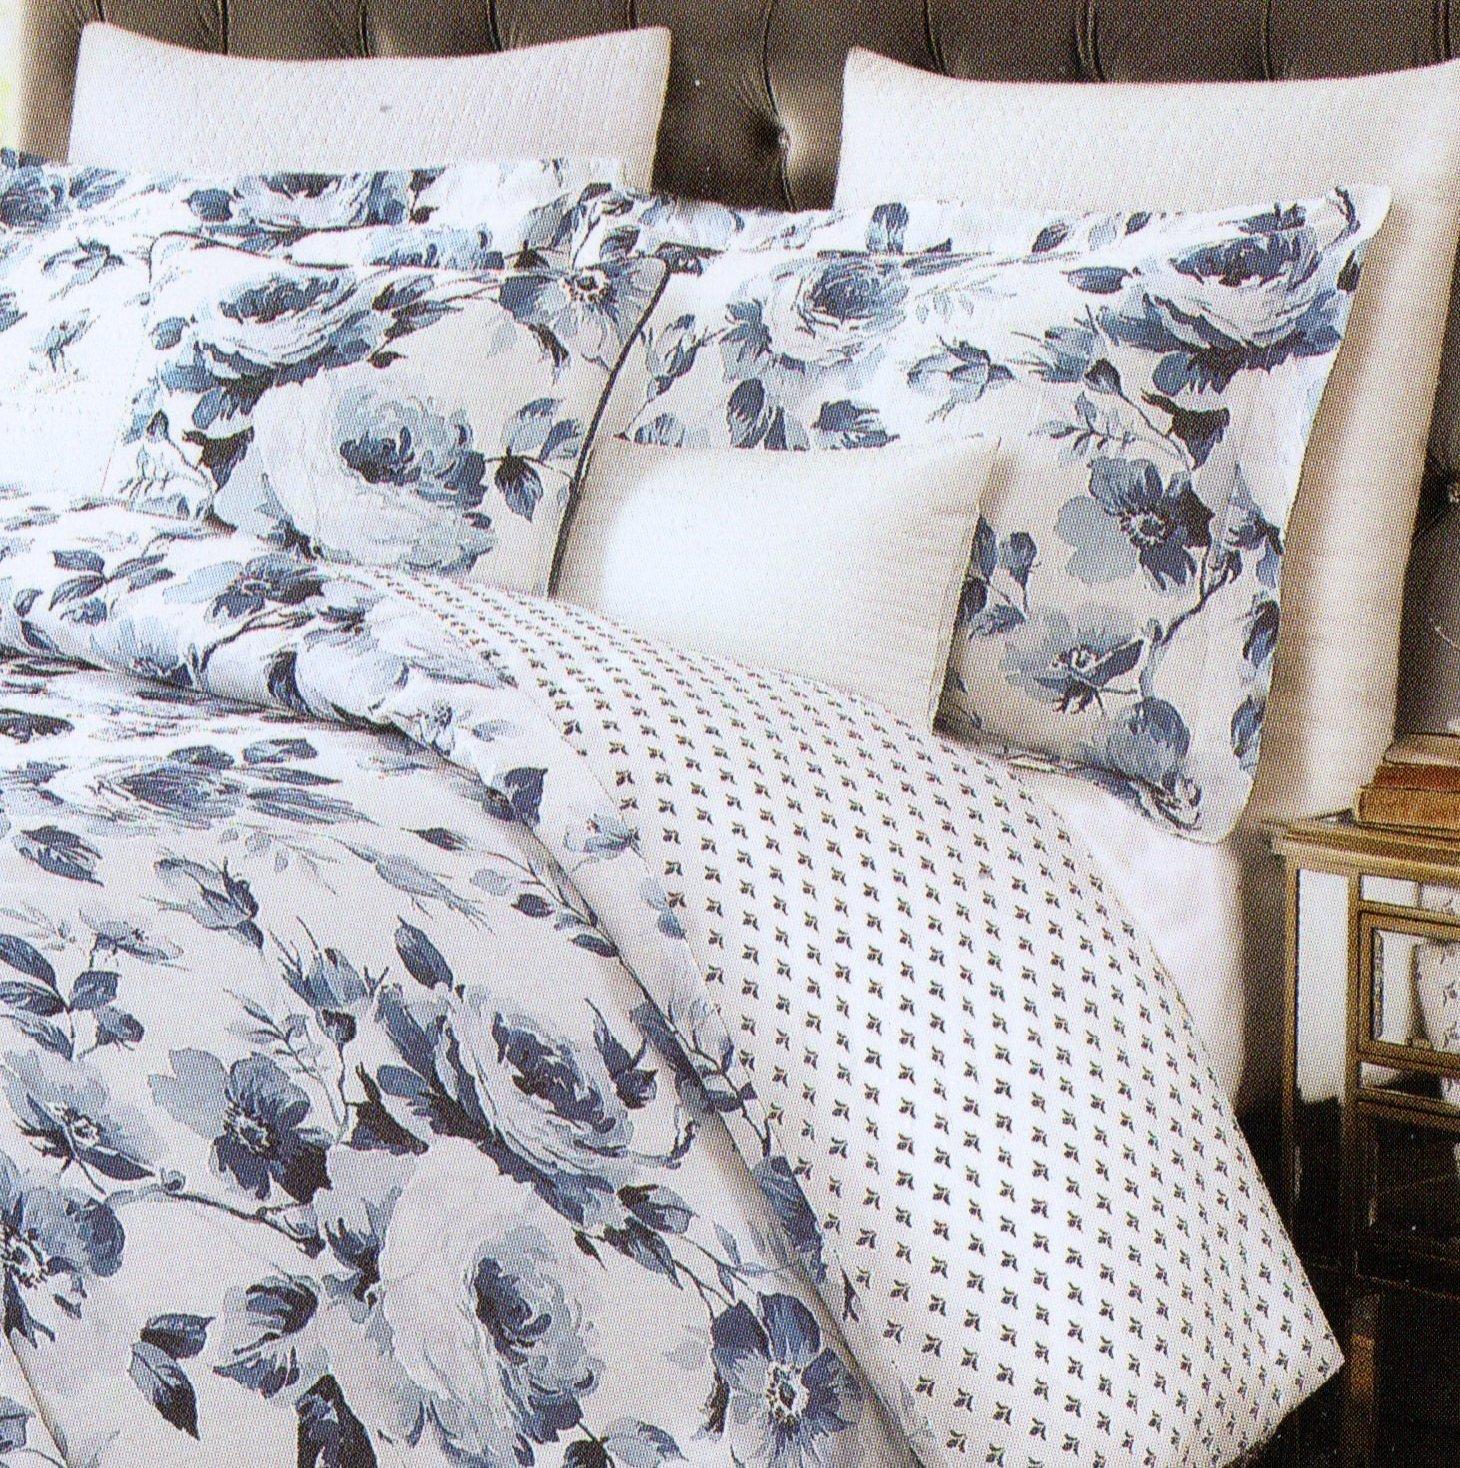 Envogue Porcelain Blue Floral Victorian Bedding 3pc Duvet Cover Set